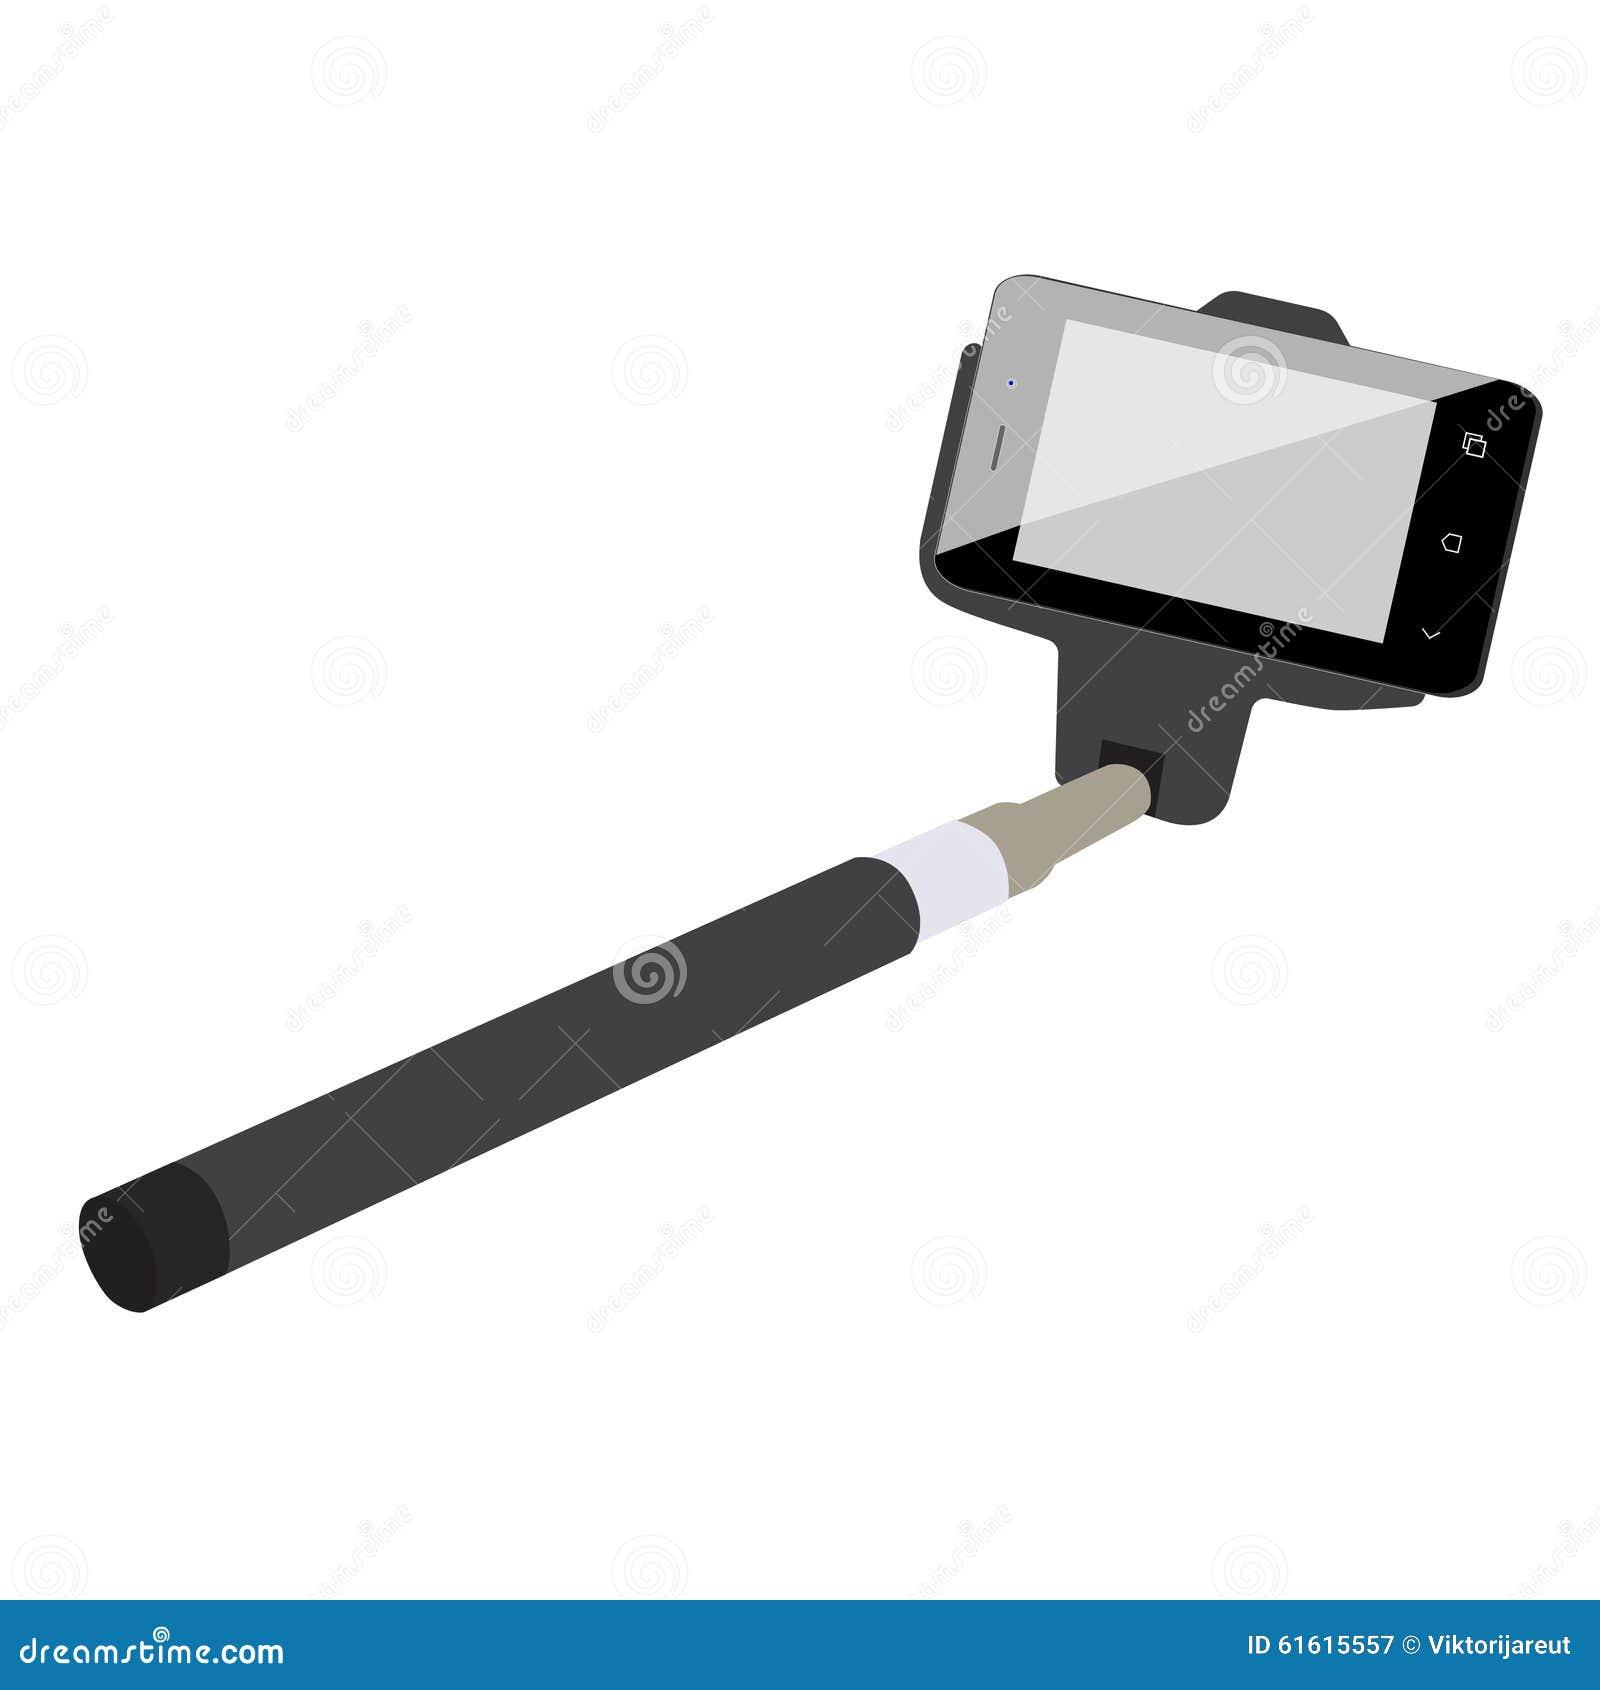 selfie stick stock illustration image 61615557. Black Bedroom Furniture Sets. Home Design Ideas